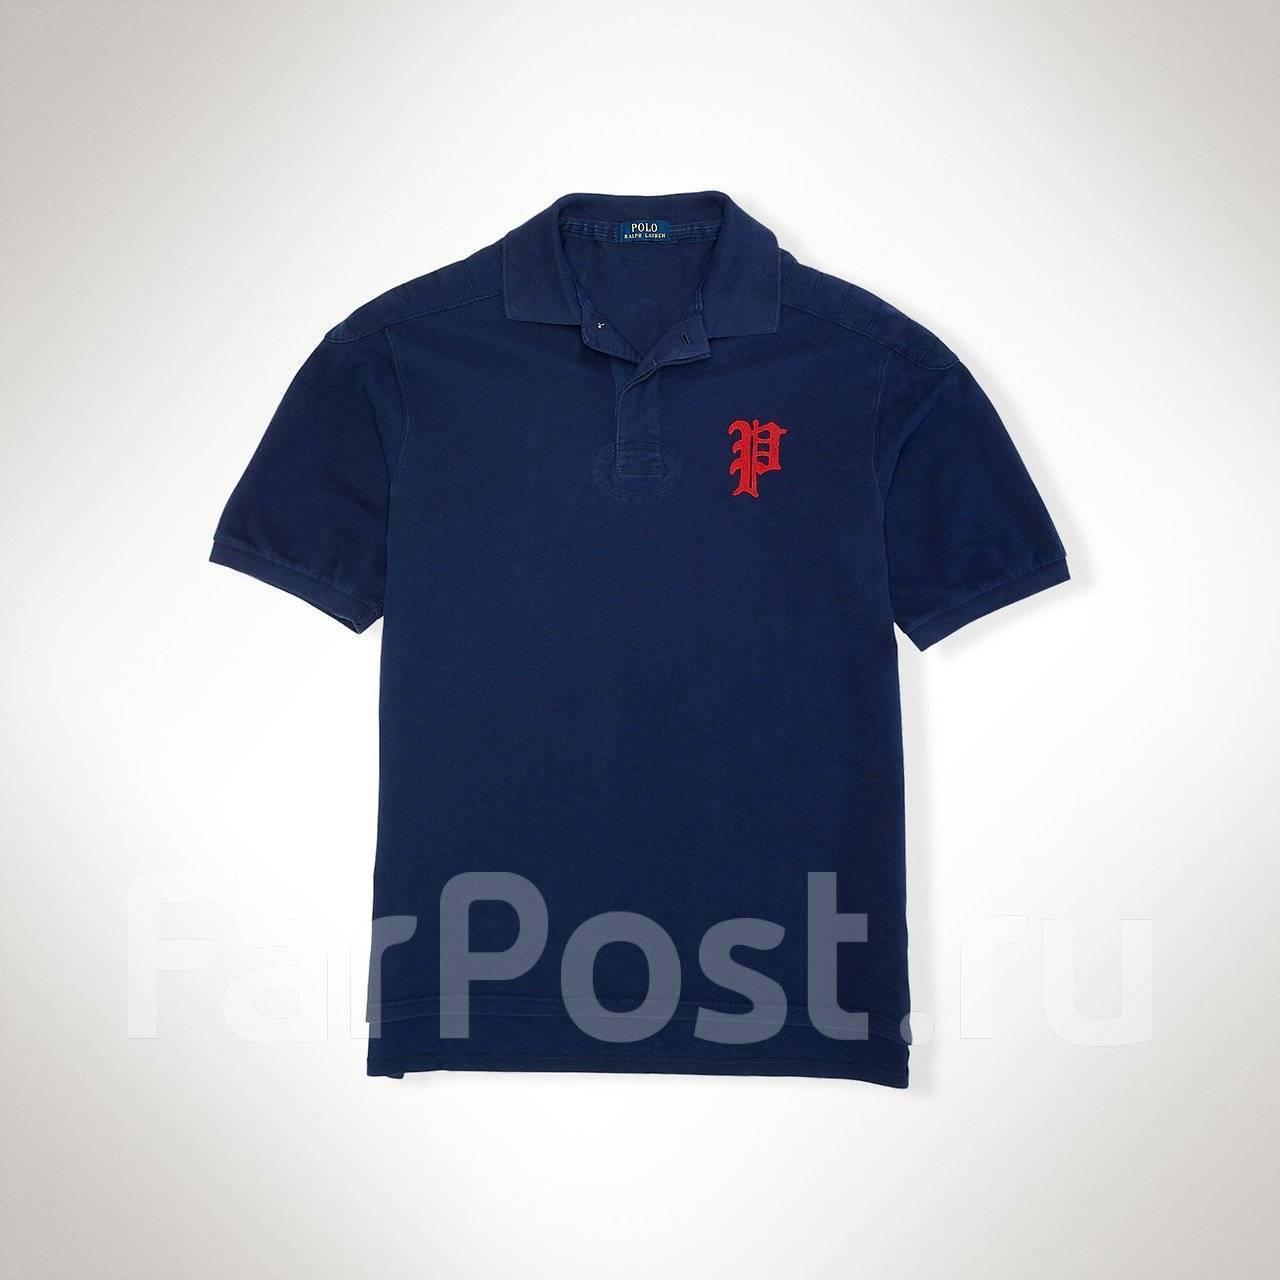 e6e4177cac990 Майки, футболки, лонгсливы мужские Размер: 50 размера - купить во  Владивостоке. Цены! Фото.